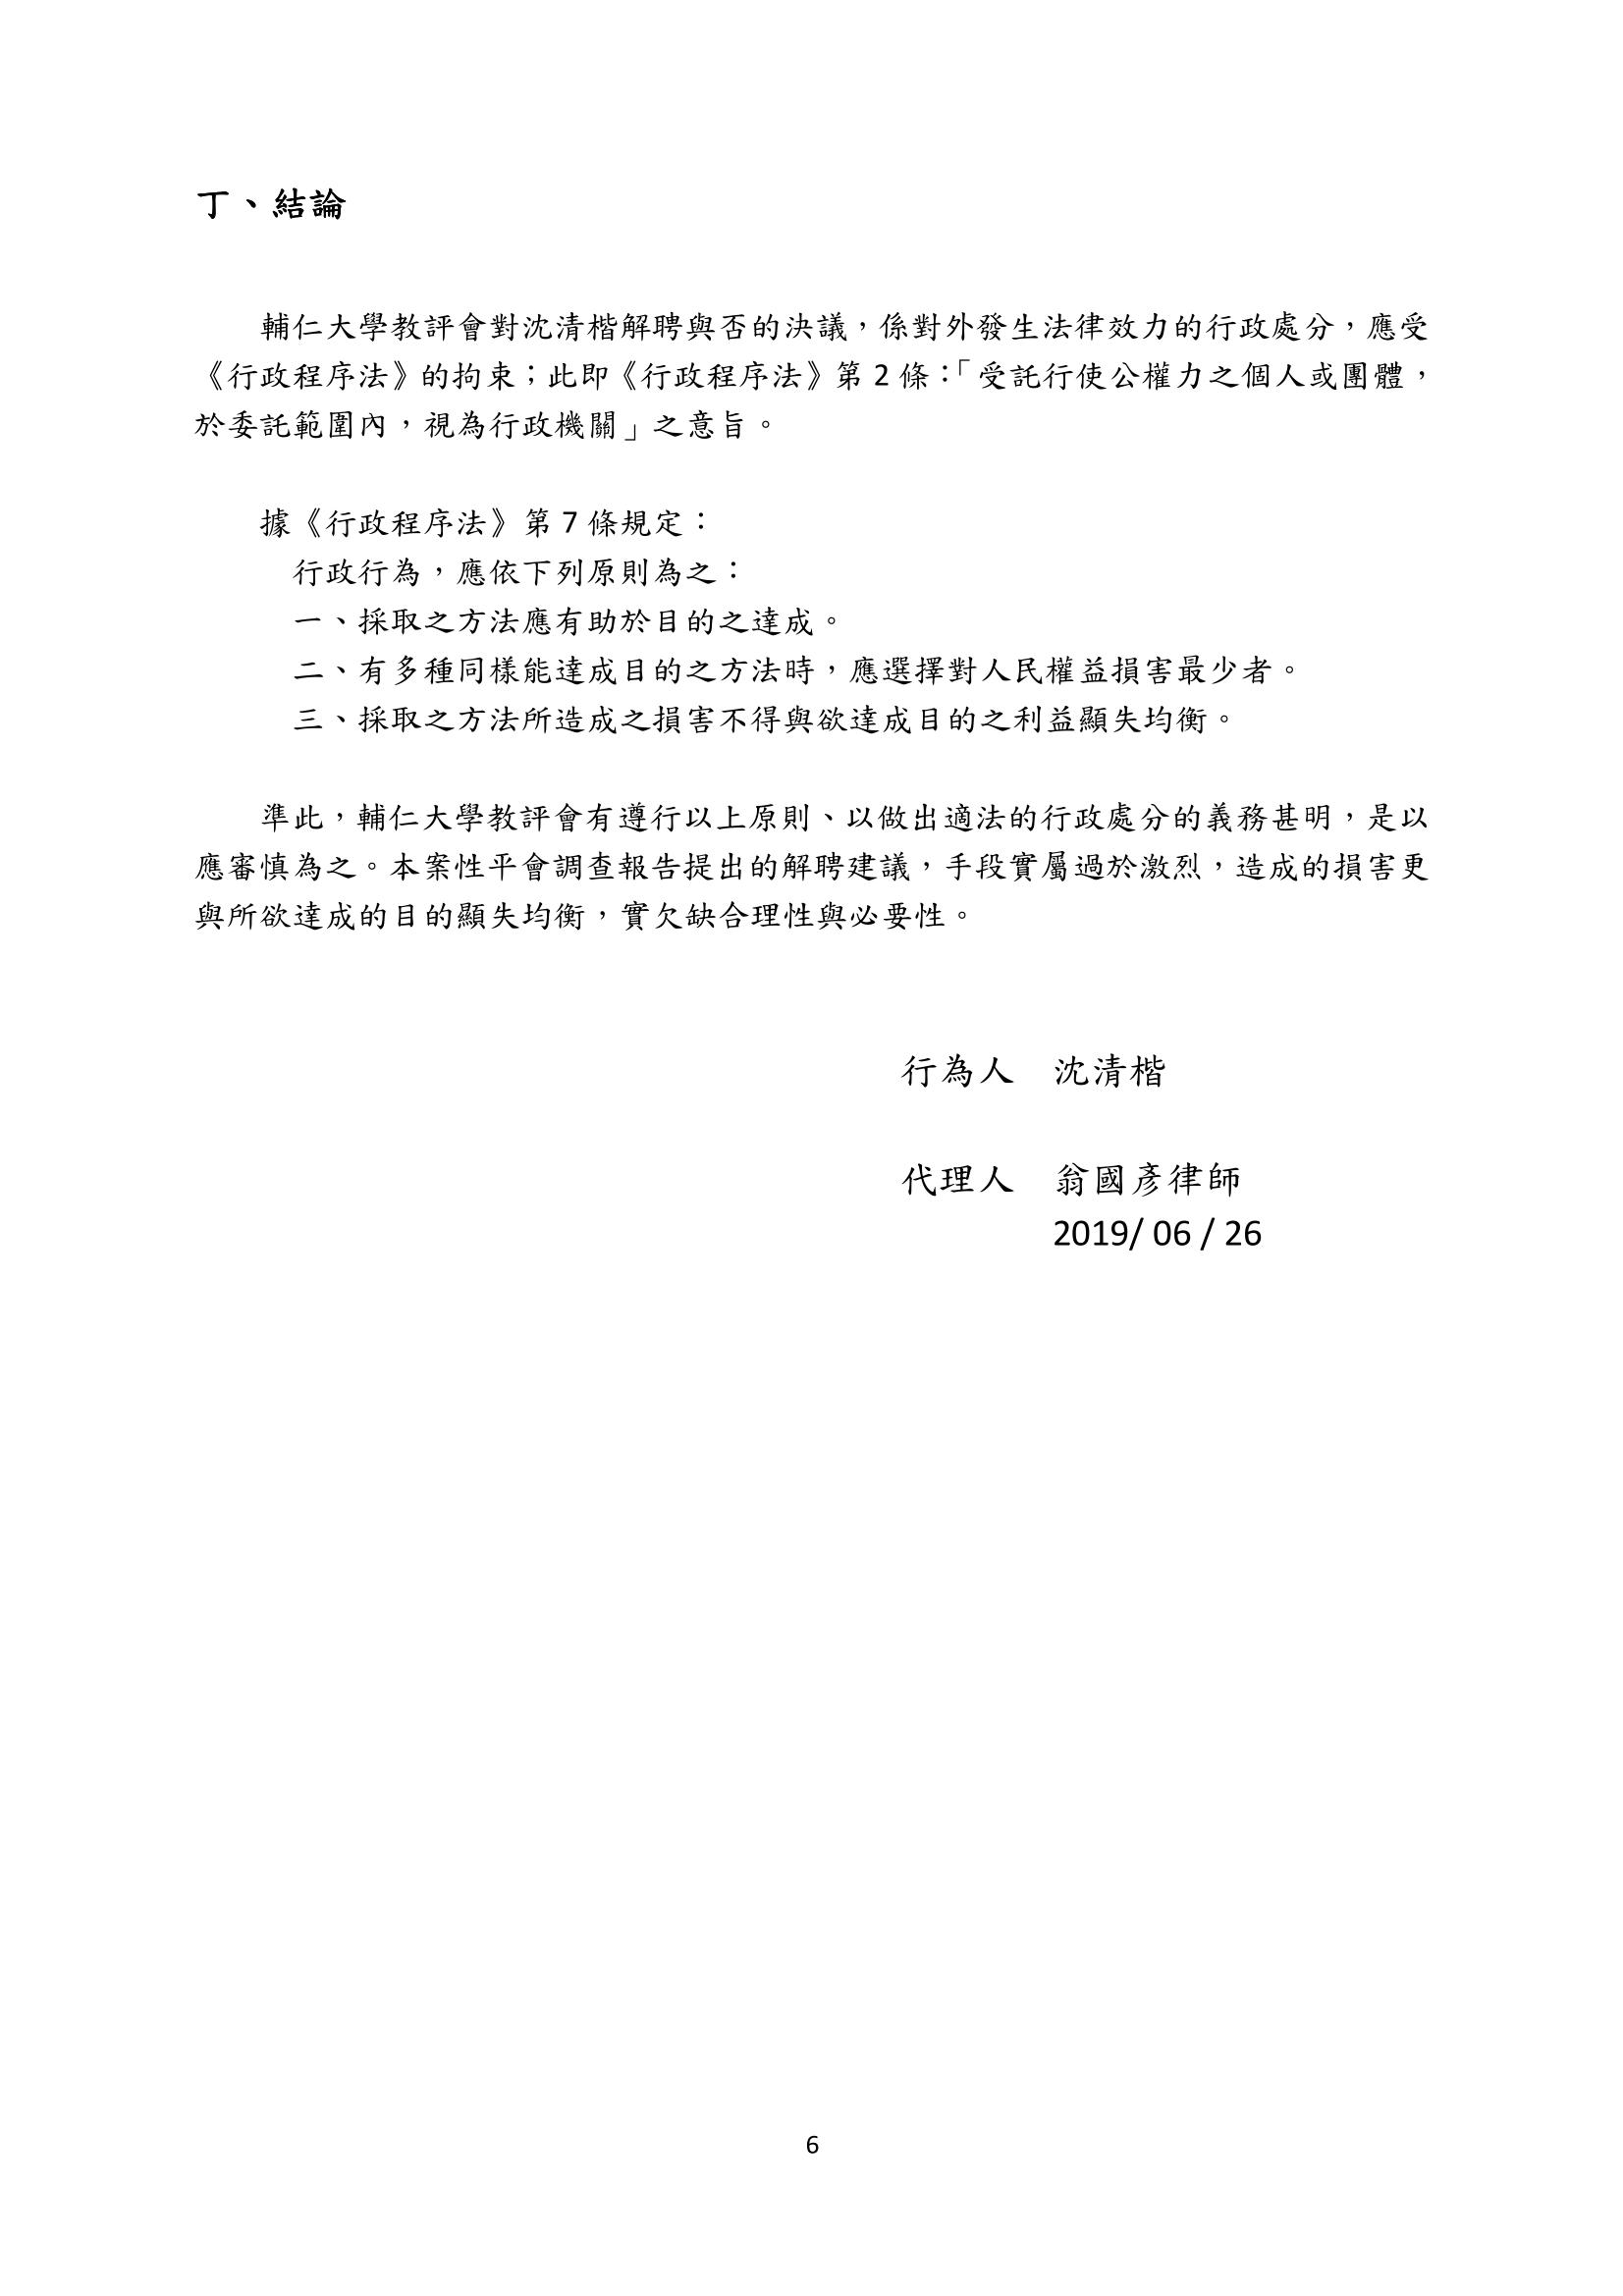 20190626致教評會意見陳述書-6.png